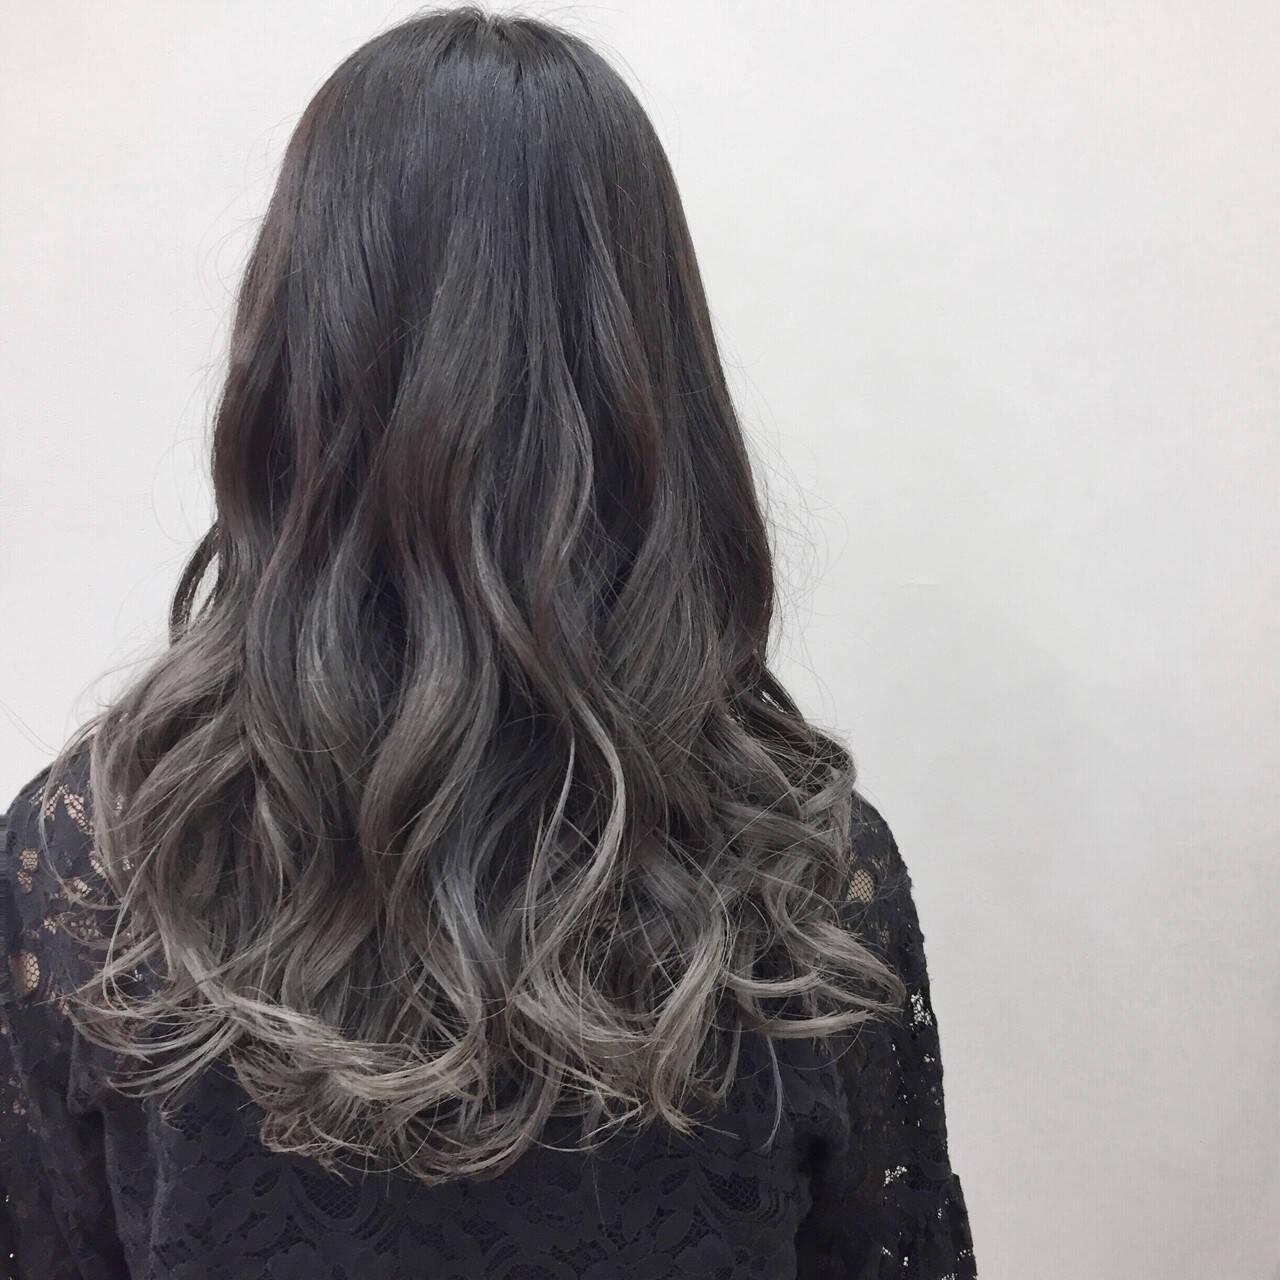 ハイライト 大人かわいい モード ロングヘアスタイルや髪型の写真・画像